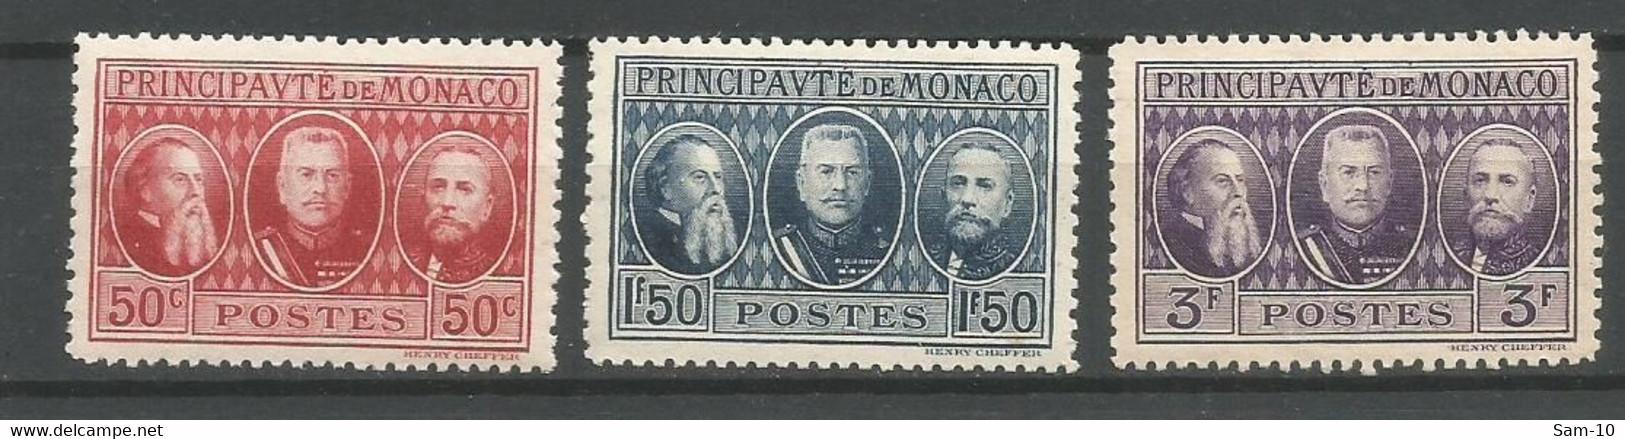 Timbre Monaco En Neuf ** N 111/113 Séries Compléte - Ongebruikt